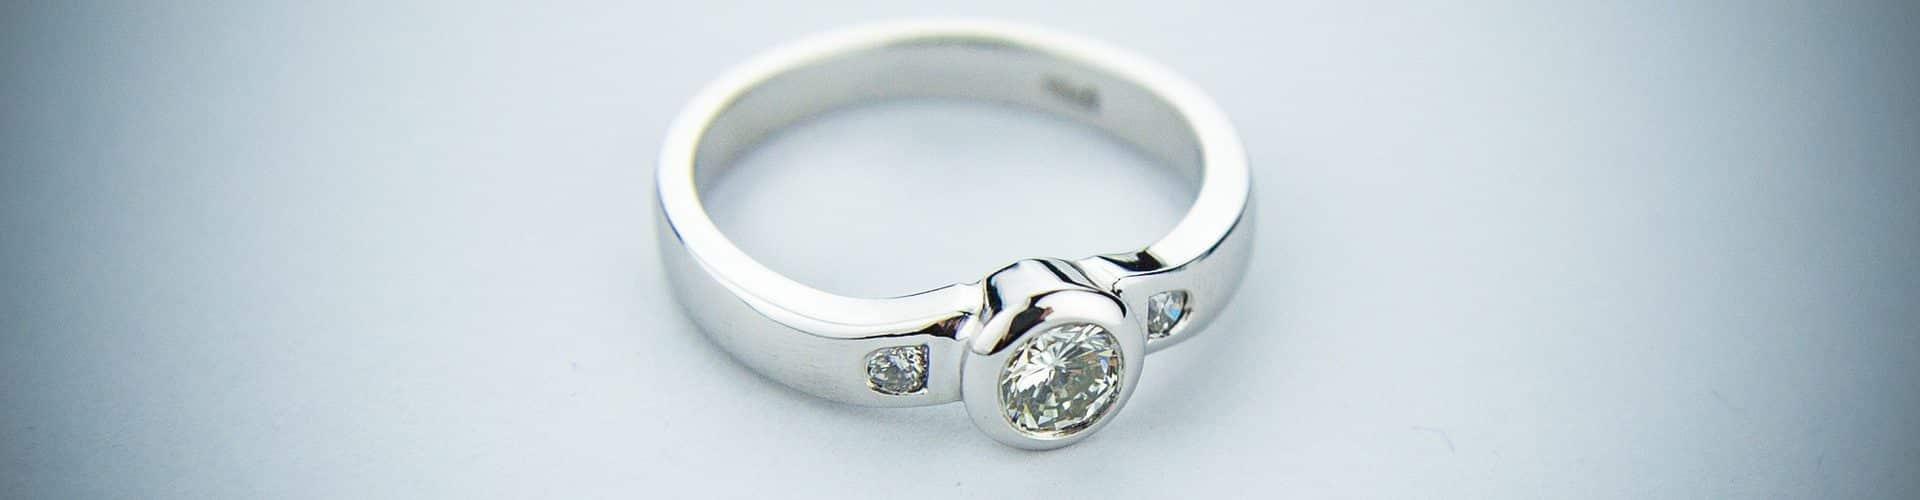 L'anello di diamanti finisce tra la spazzatura e quando se ne accorge rovista tra i rifiuti, cosa accade